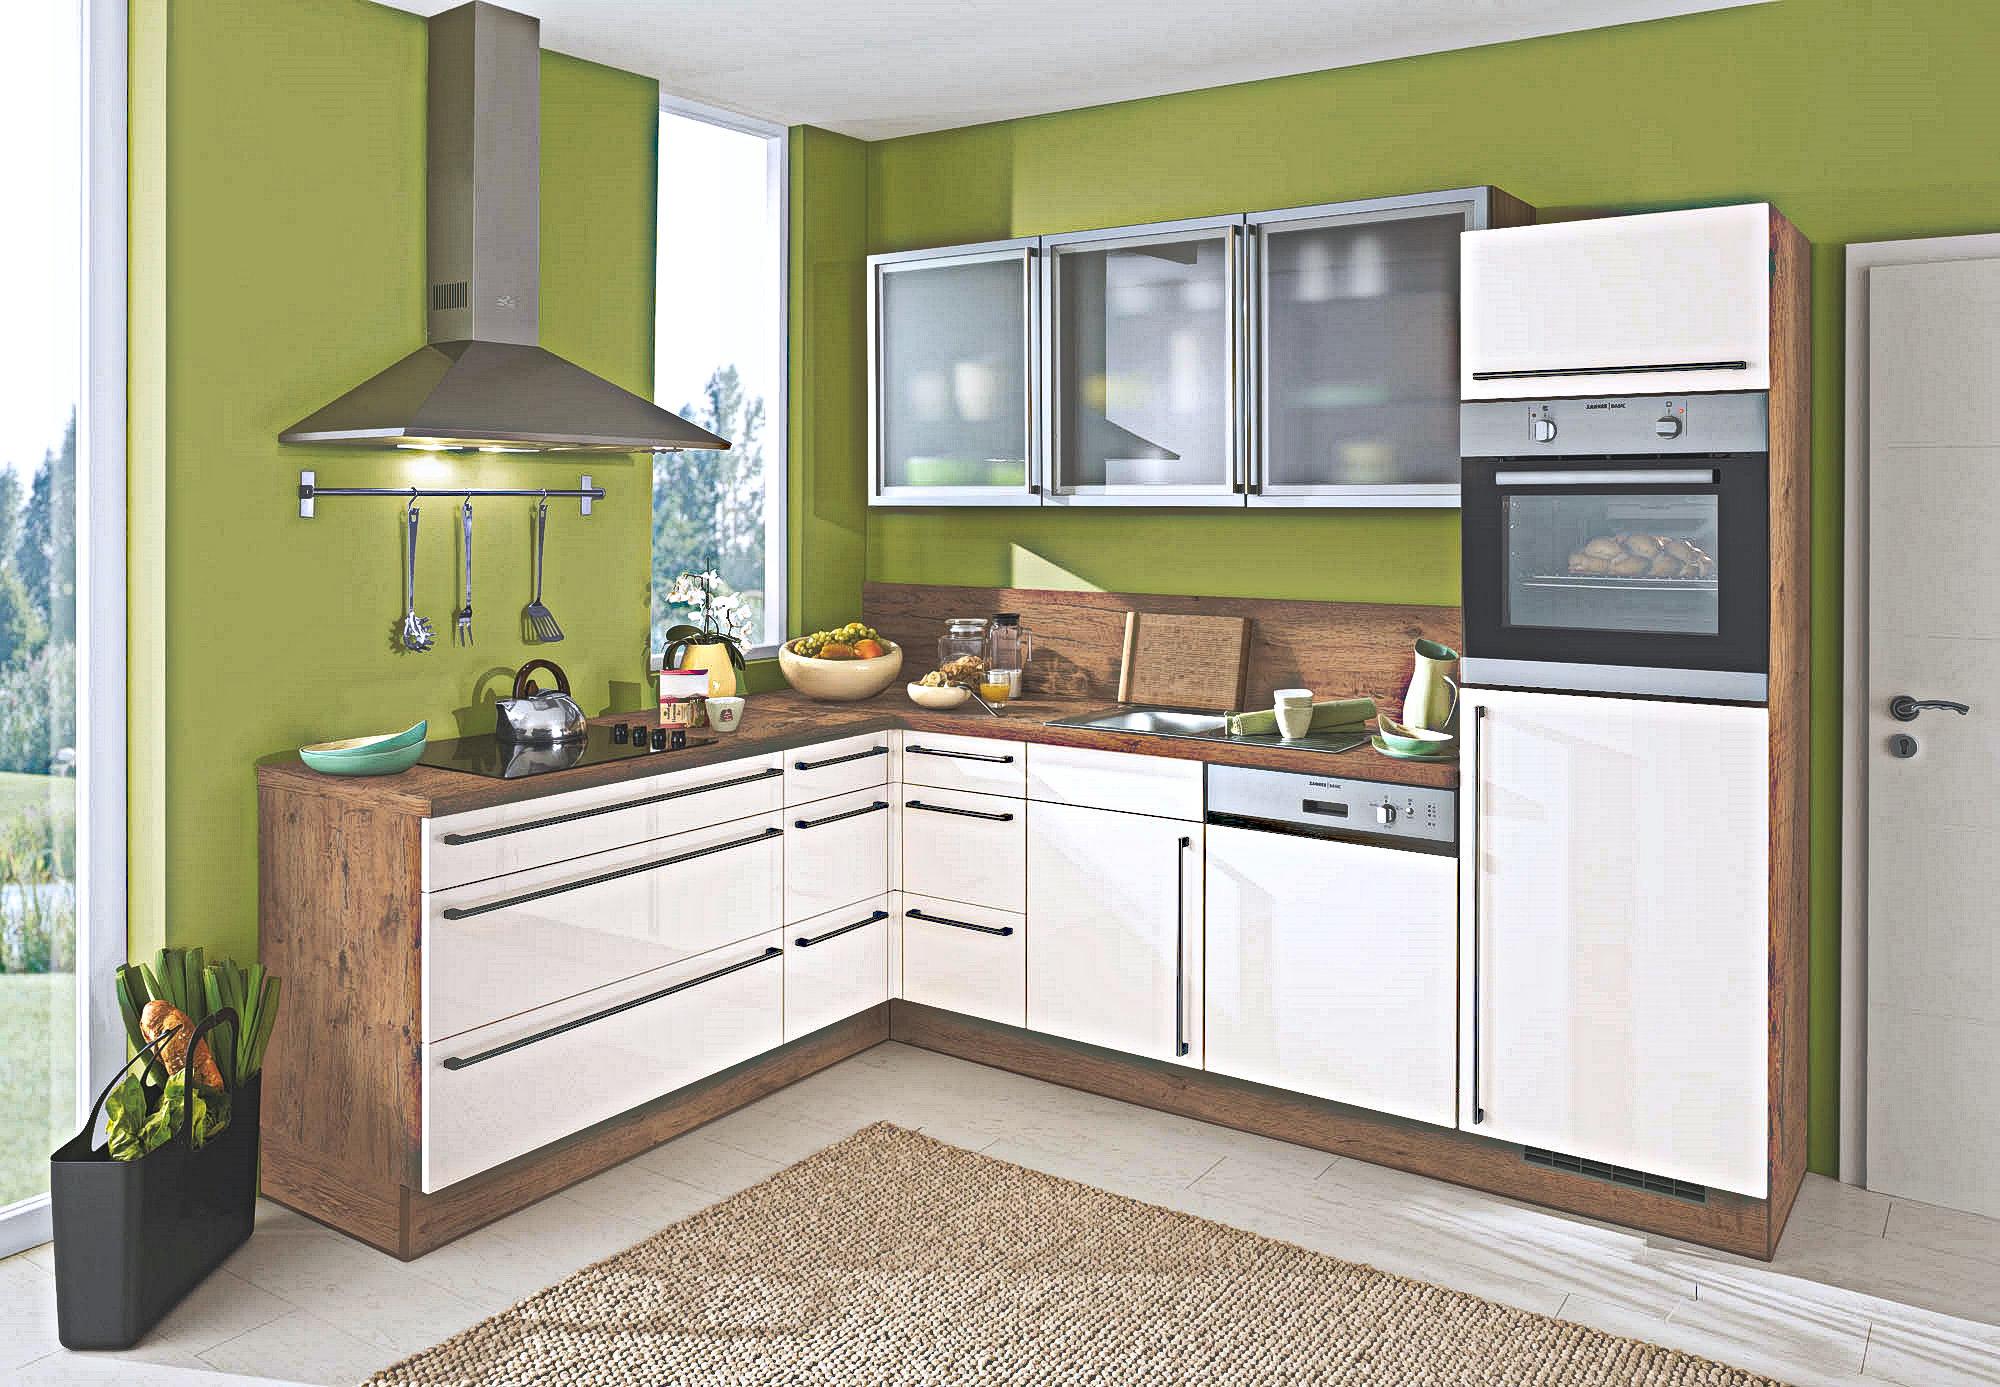 Full Size of Nolte Küchen Glasfront Magnolie Wildeiche L Kche Fr Nur 2444 Hochwertige Kchen Küche Betten Regal Schlafzimmer Wohnzimmer Nolte Küchen Glasfront